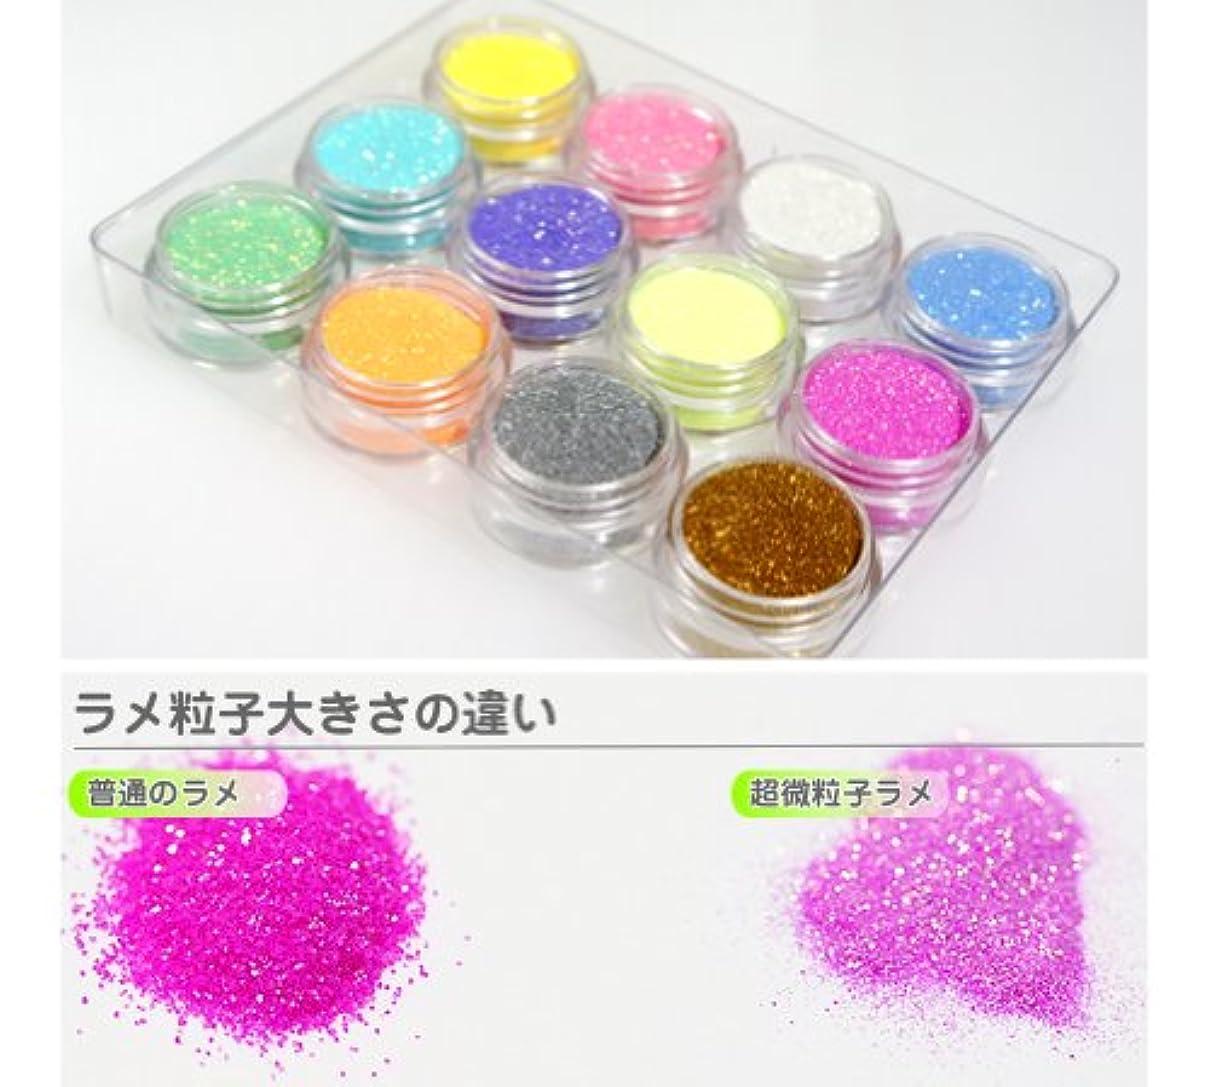 ネオコレクションオリジナル☆超微粒子ラメパウダー0.1mm、砂のようにサラサラで抜群の発色 ジェルネイルアートに!